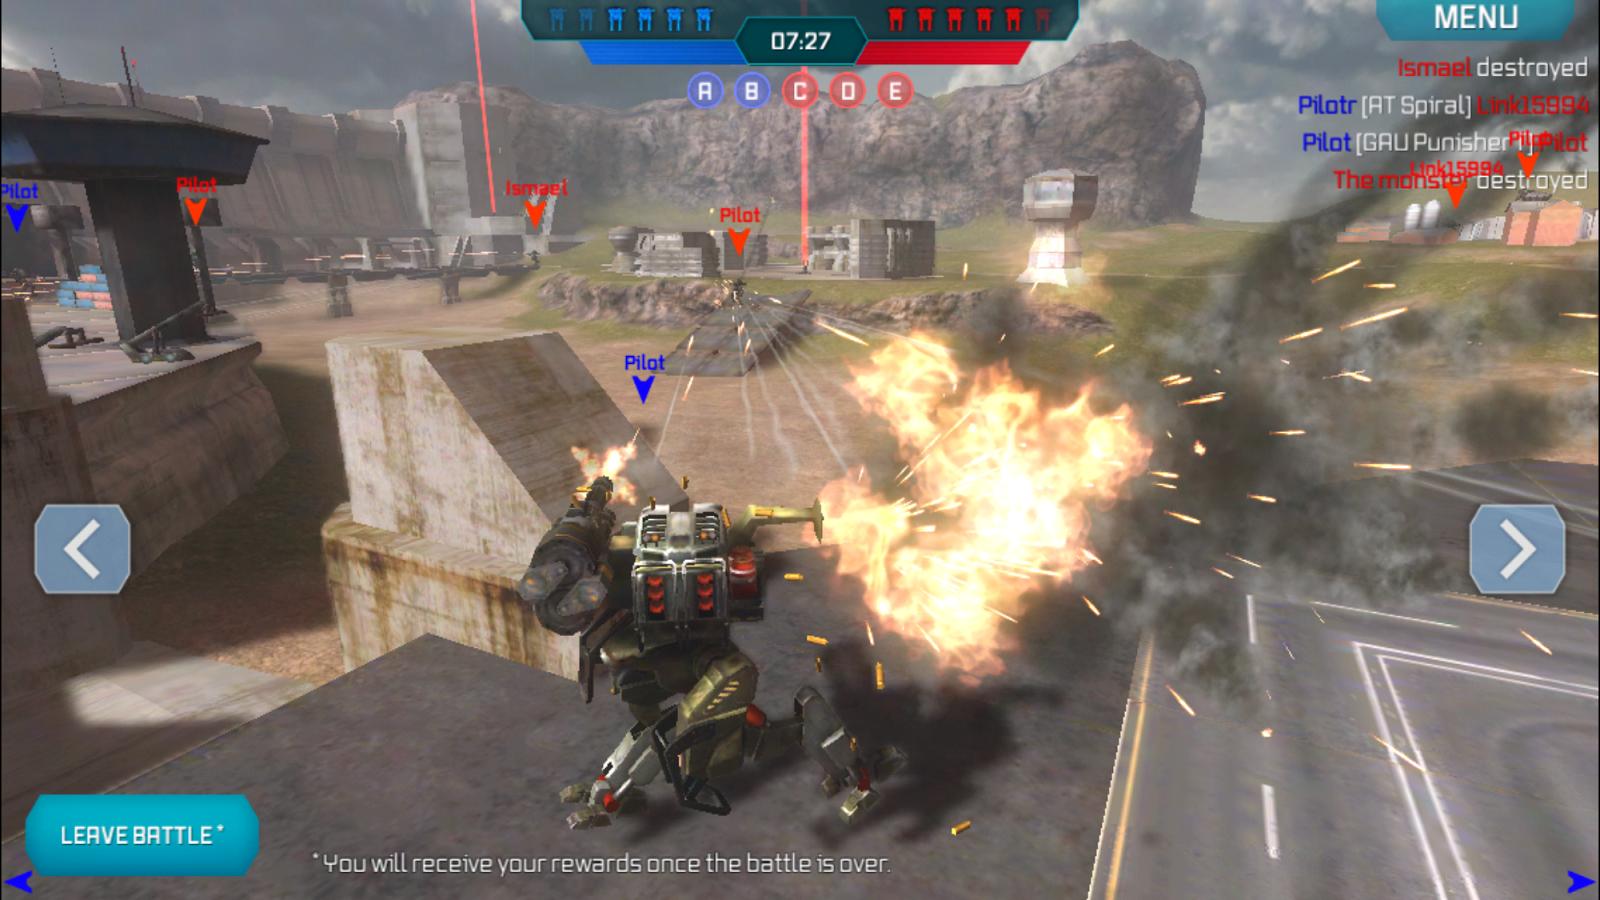 download walking war robots apk, walking war robots review, hd android game walking war robots